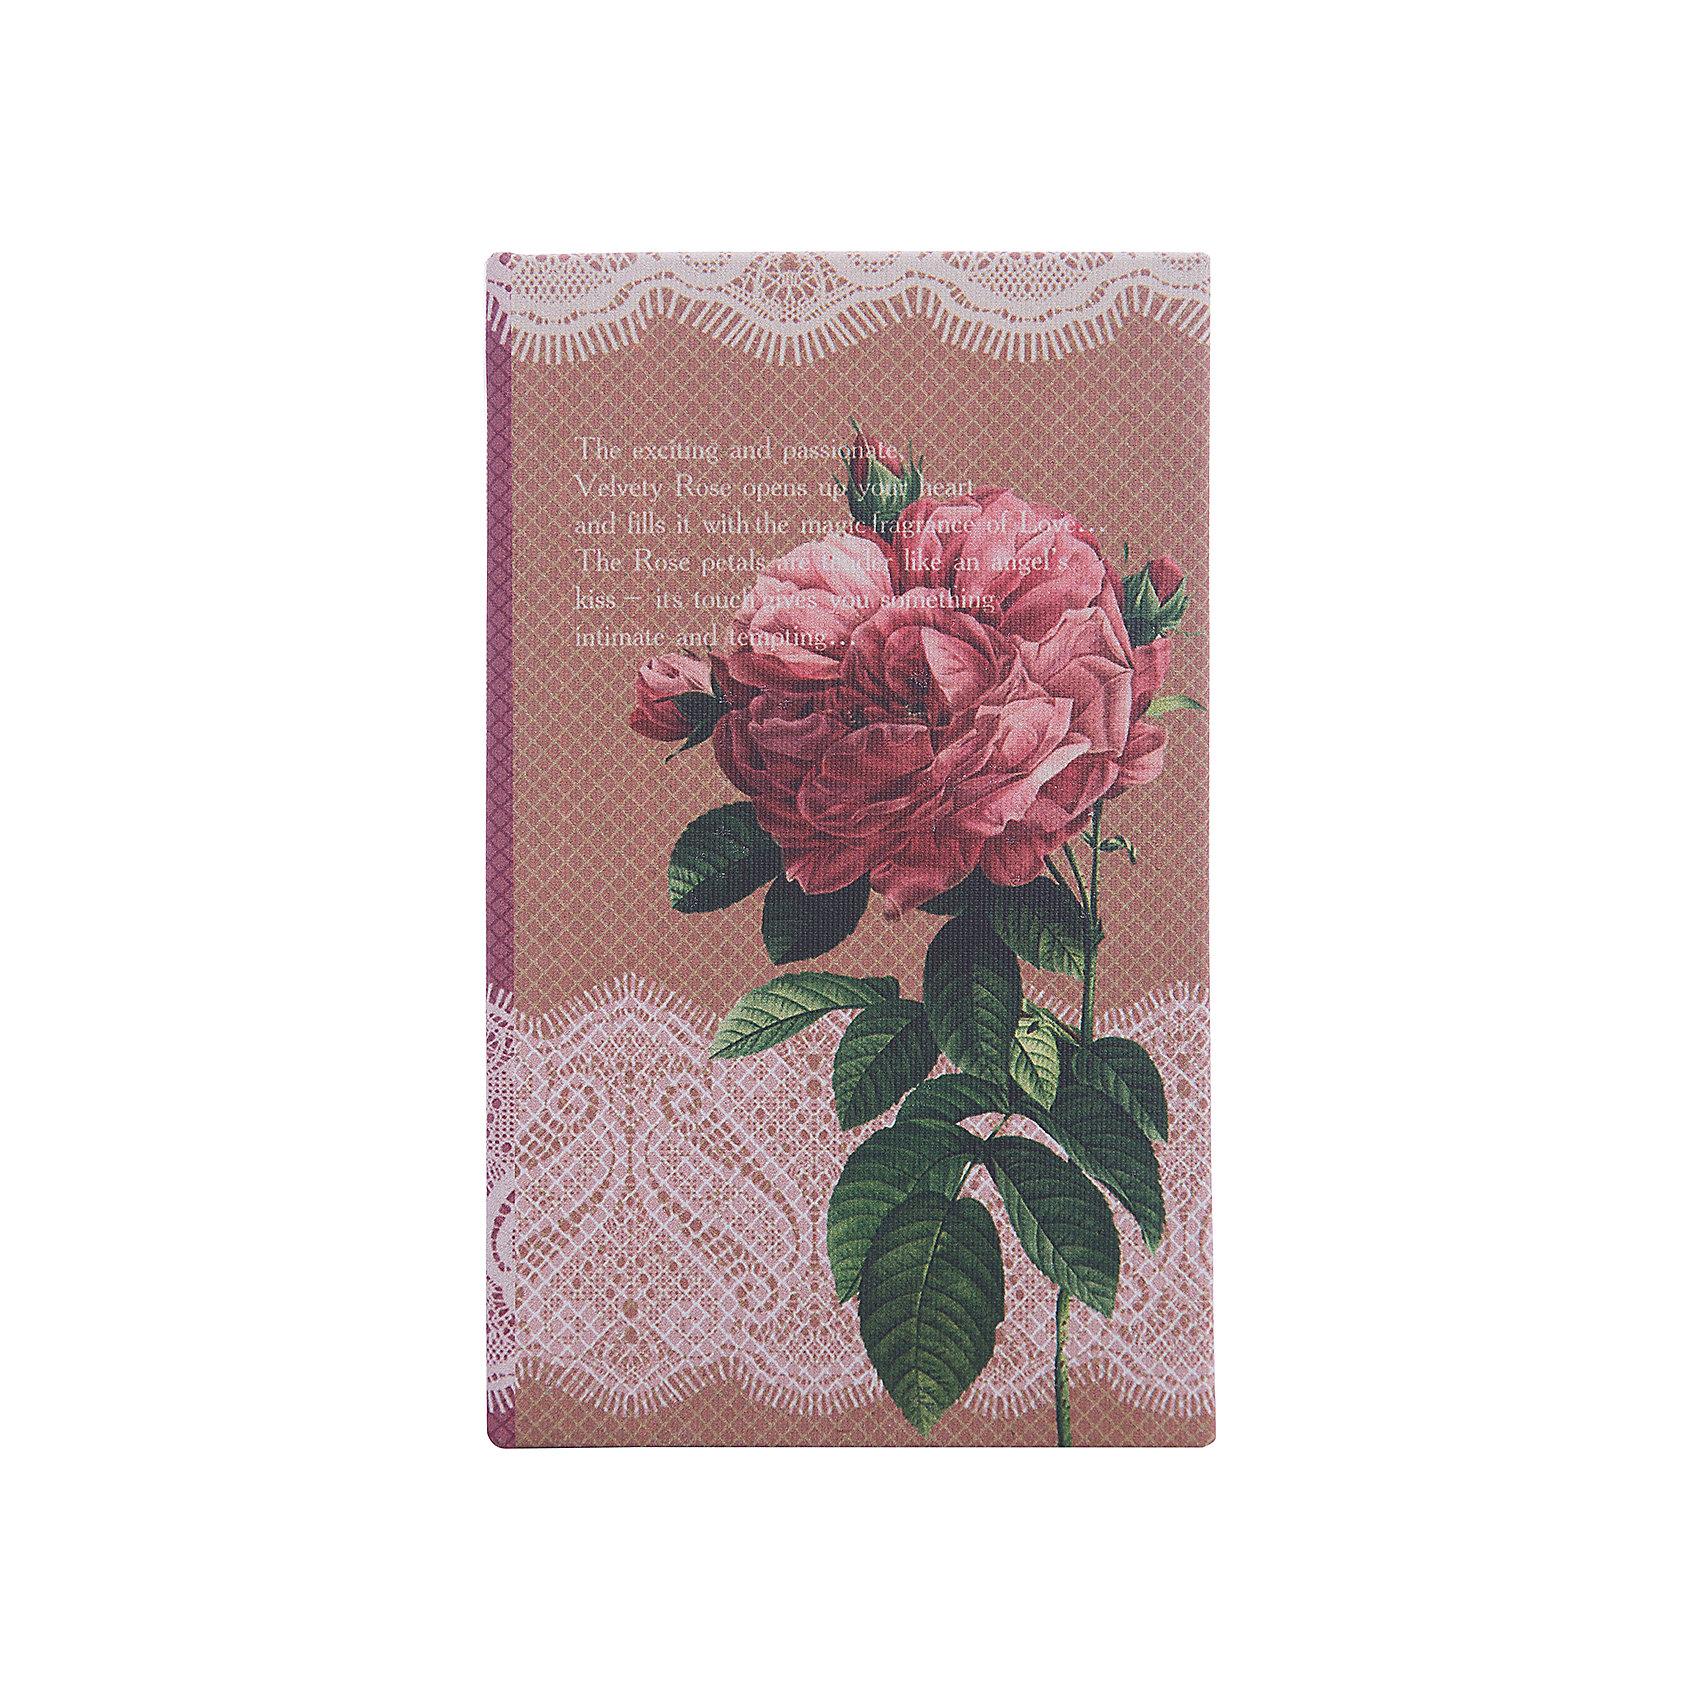 Шкатулка декоративная  Алая роза (17*11*5 см)Стильная декоративная шкатулка Алая роза выполнена в форме книги с оригинальным рисунком. Она отлично подойдет для хранения мелочей и безделушек, есть отделение для украшений. Отличный вариант для ценного и оригинального подарка!<br><br>Дополнительная информация:<br>Материал: МДФ<br>Размер: 5х26х17 см<br>Вес: 285 грамм<br>Декоративную шкатулку Алая роза можно купить в нашем интернет-магазине.<br><br>Ширина мм: 400<br>Глубина мм: 380<br>Высота мм: 370<br>Вес г: 200<br>Возраст от месяцев: 84<br>Возраст до месяцев: 216<br>Пол: Унисекс<br>Возраст: Детский<br>SKU: 4957972